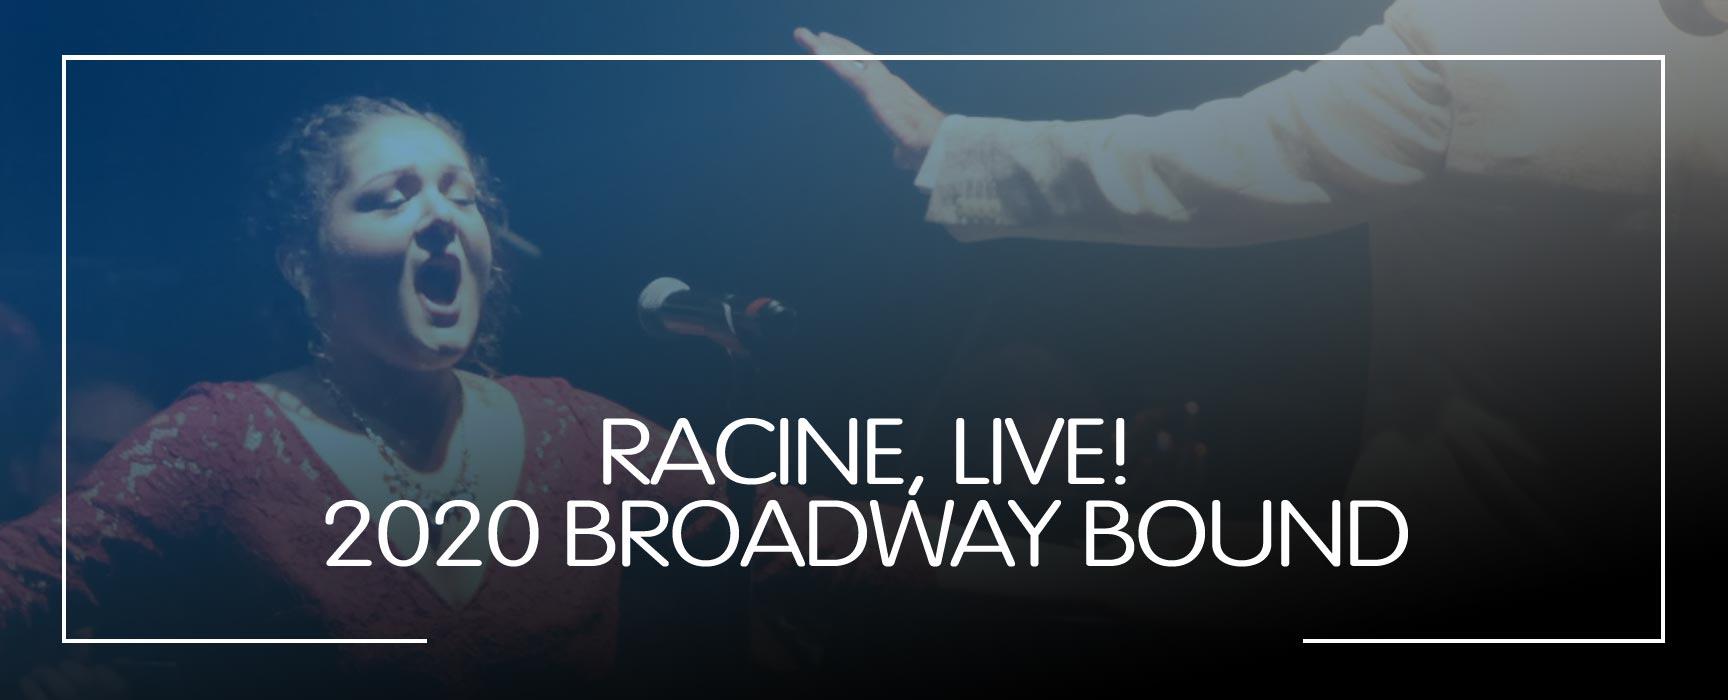 Racine Live! 2020 Broadway Bound